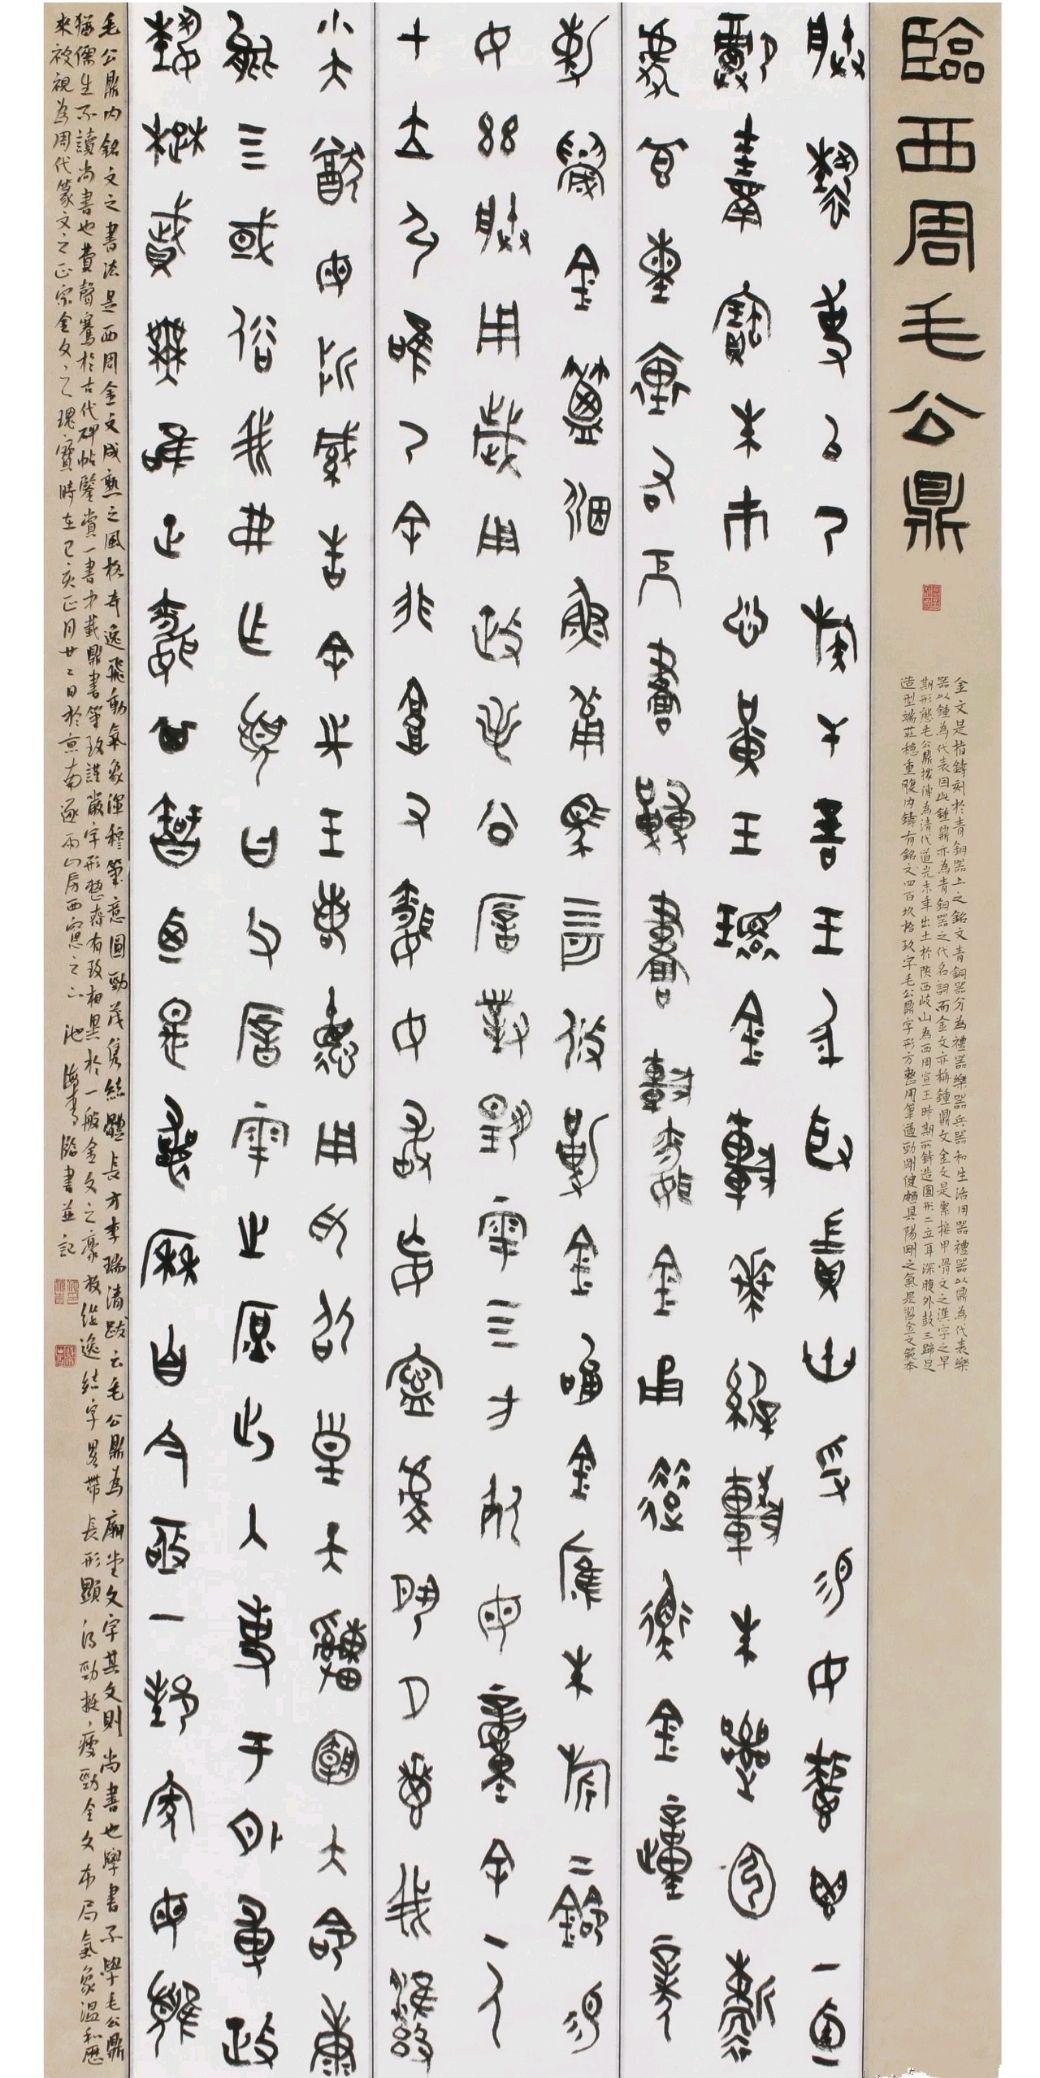 十二届书法国展书家:写出篆书的质朴与端庄